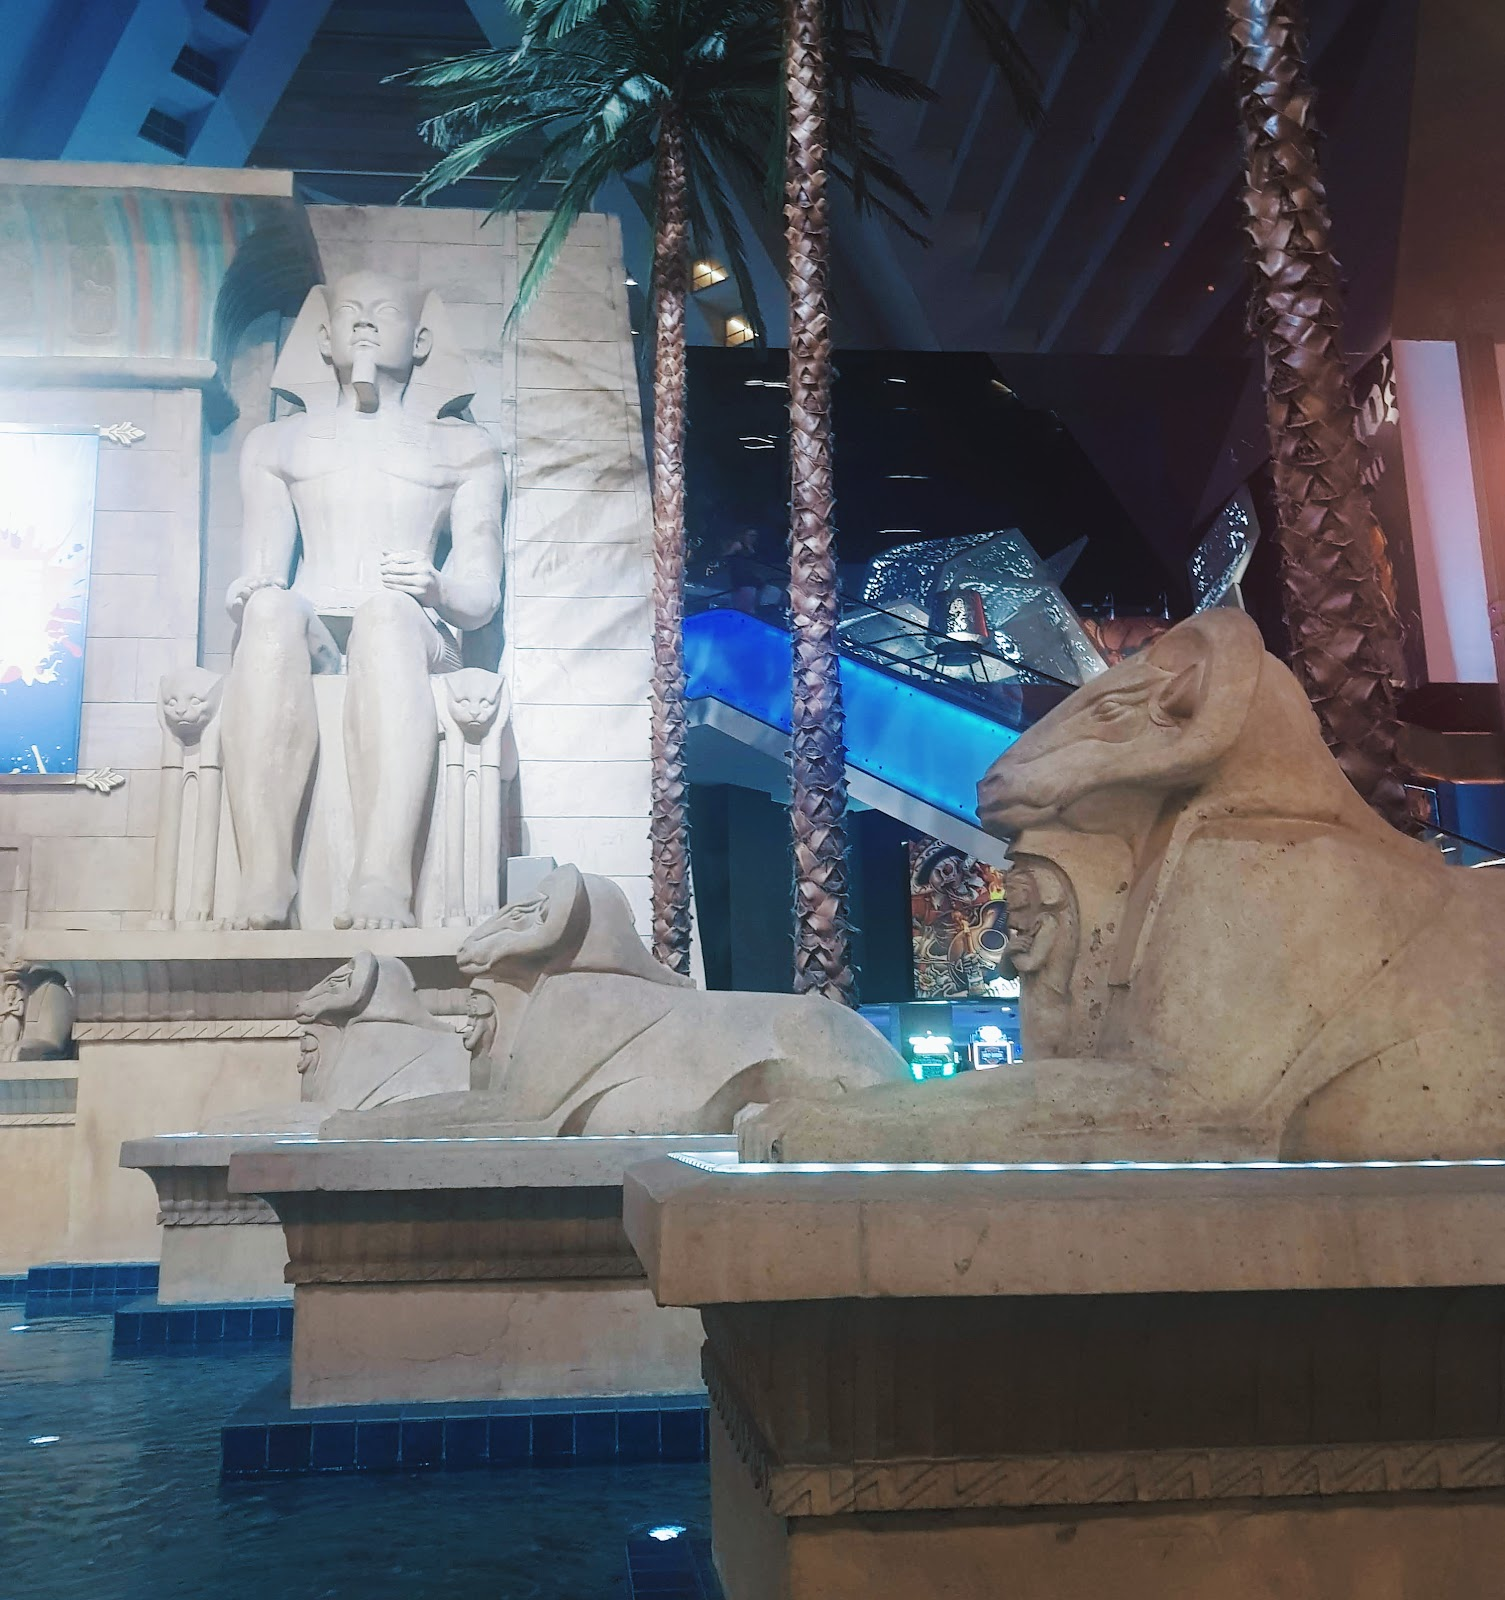 מלון לוקסור LUXUR LUXOR מצרים